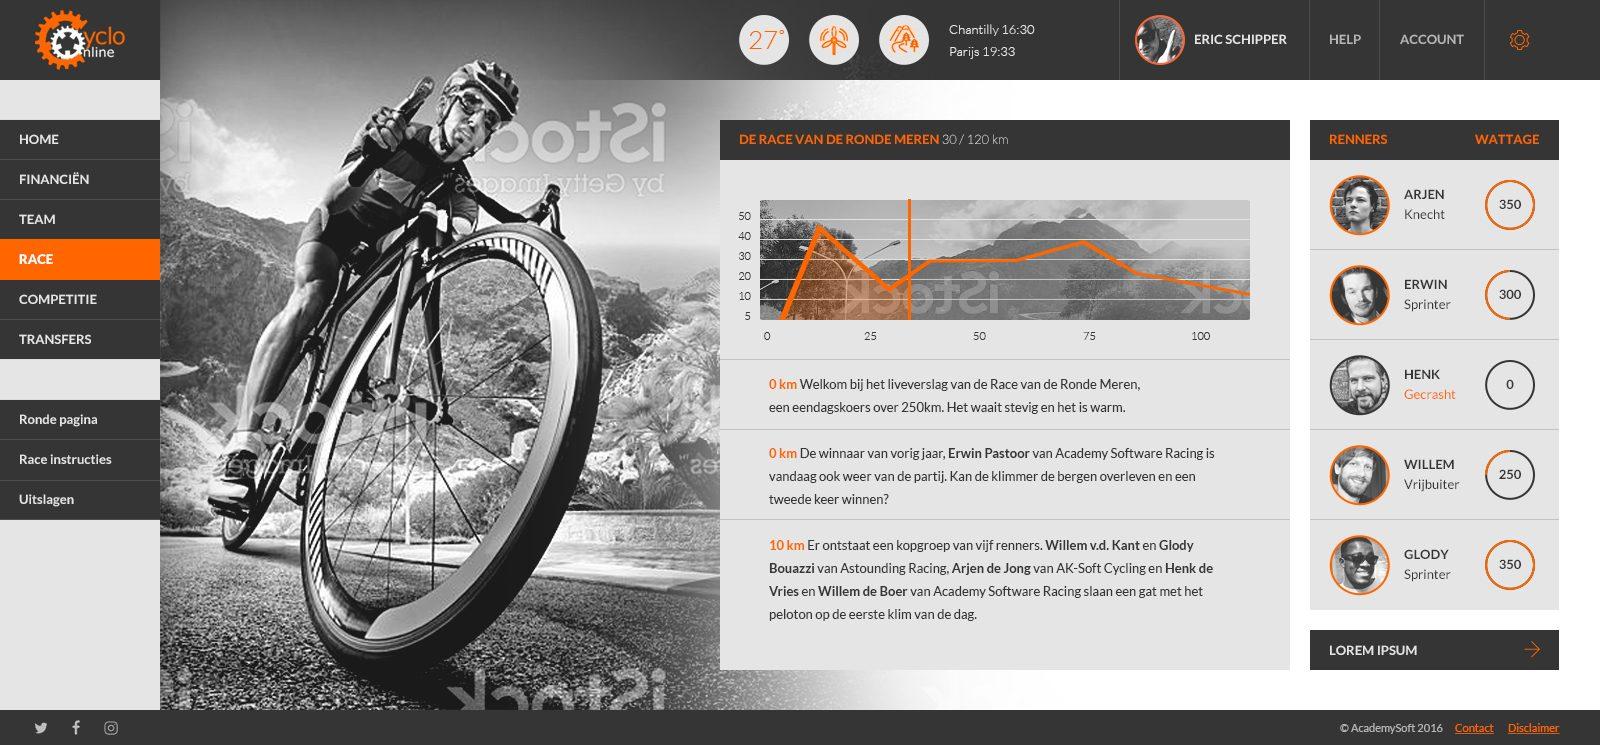 02_ CycloOnline_MockupSchermen_Race1